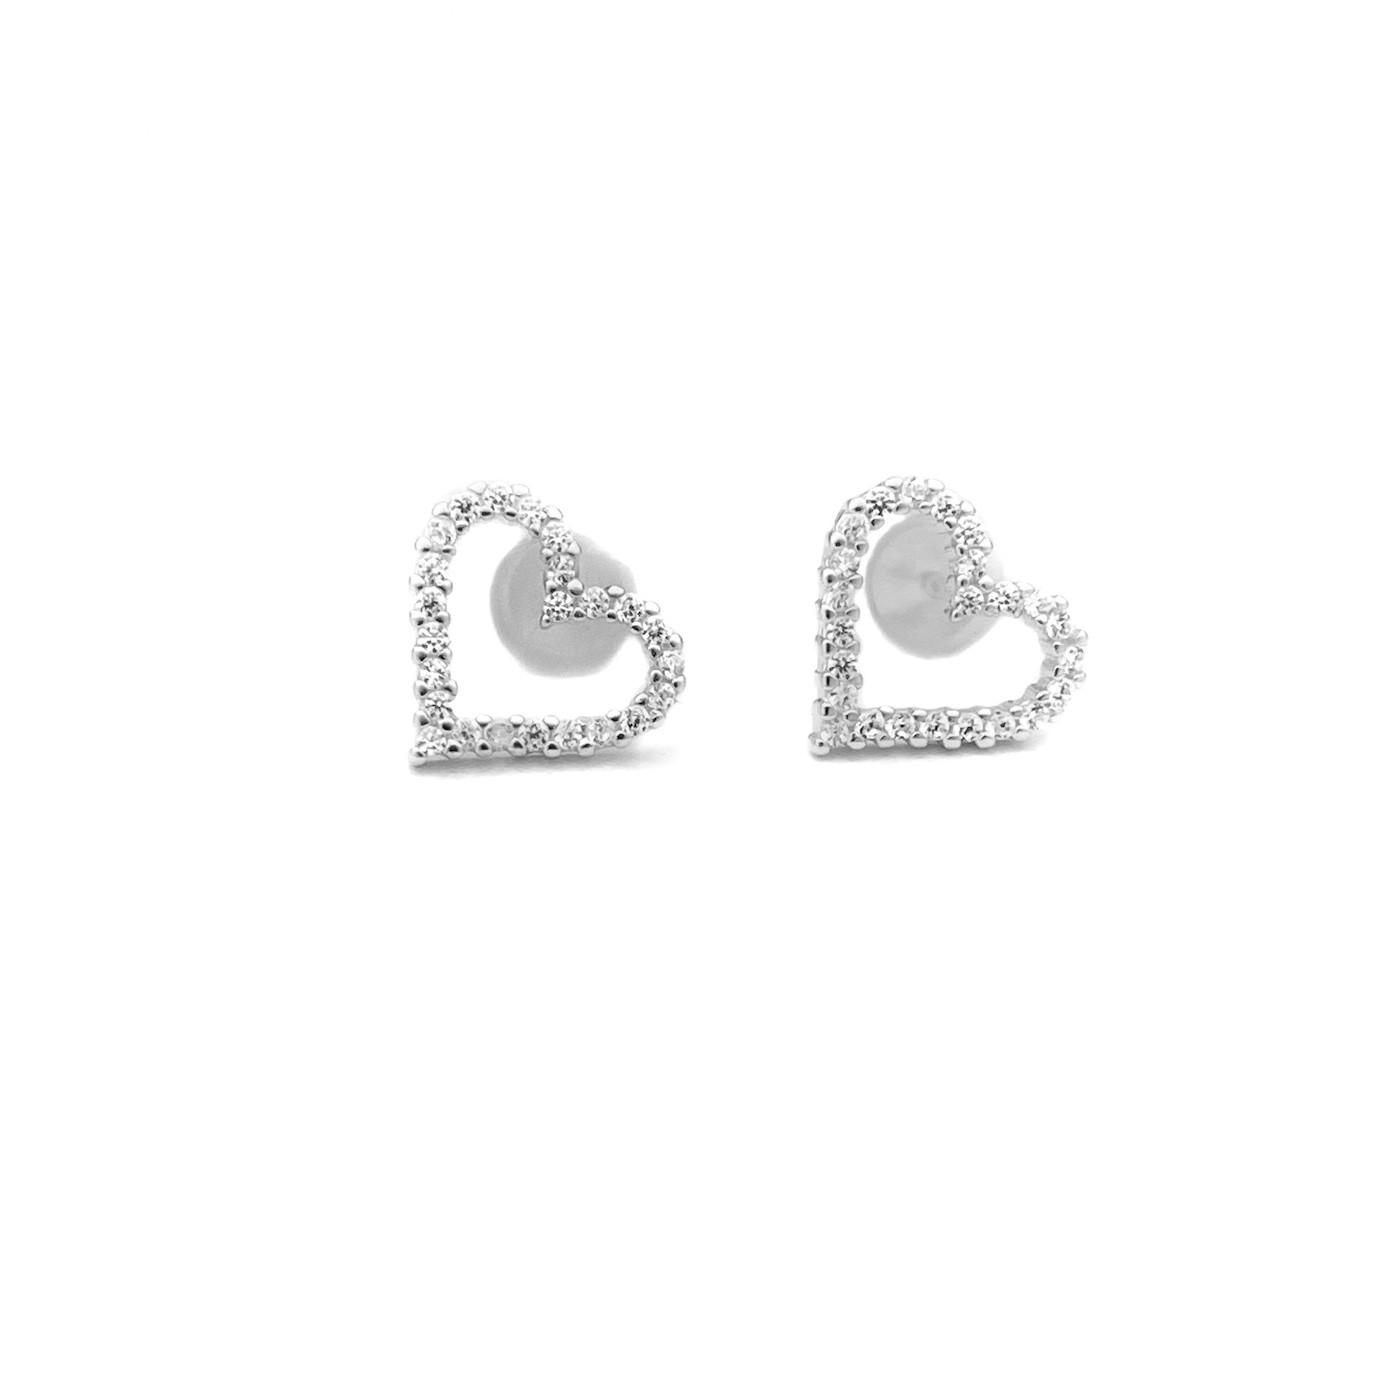 Brinco Coração Vazado 24 pedras de Zircônia (Prata 925 Italiana)